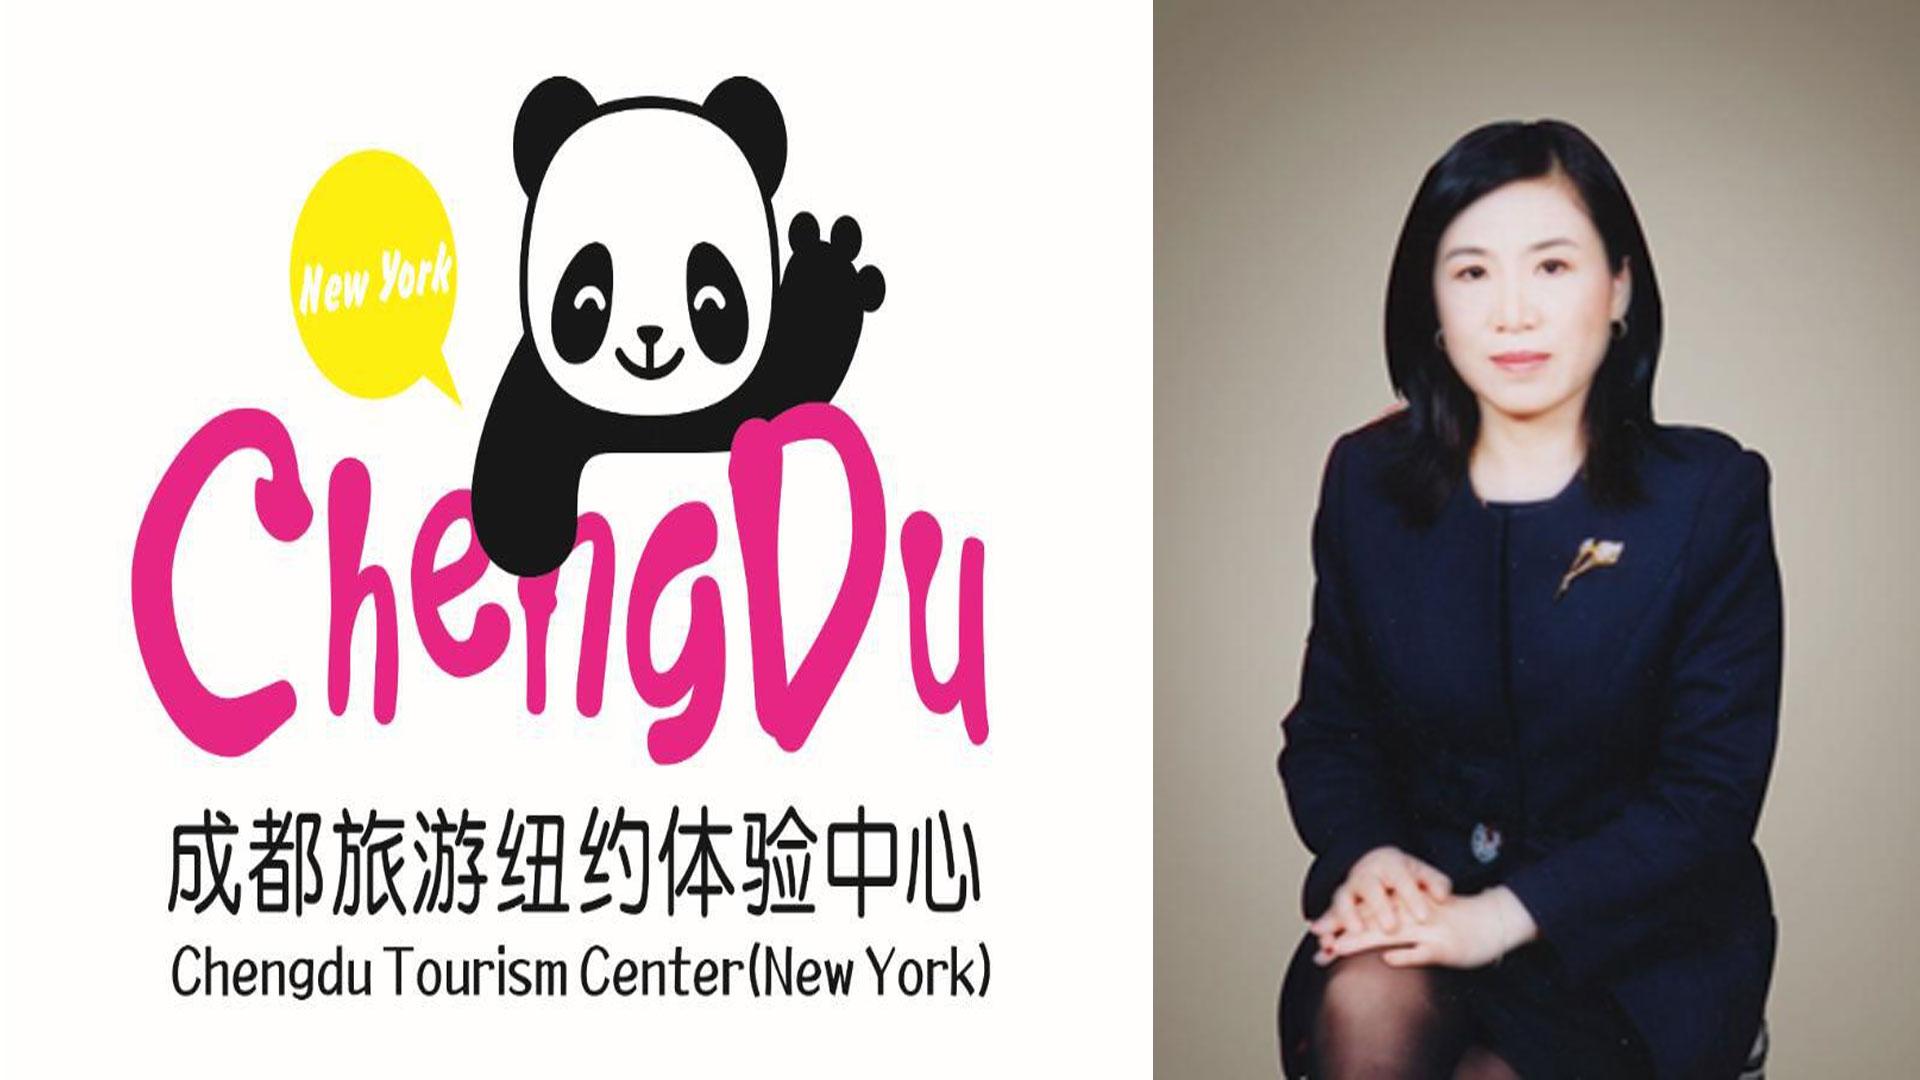 Chengdu Folks in New York